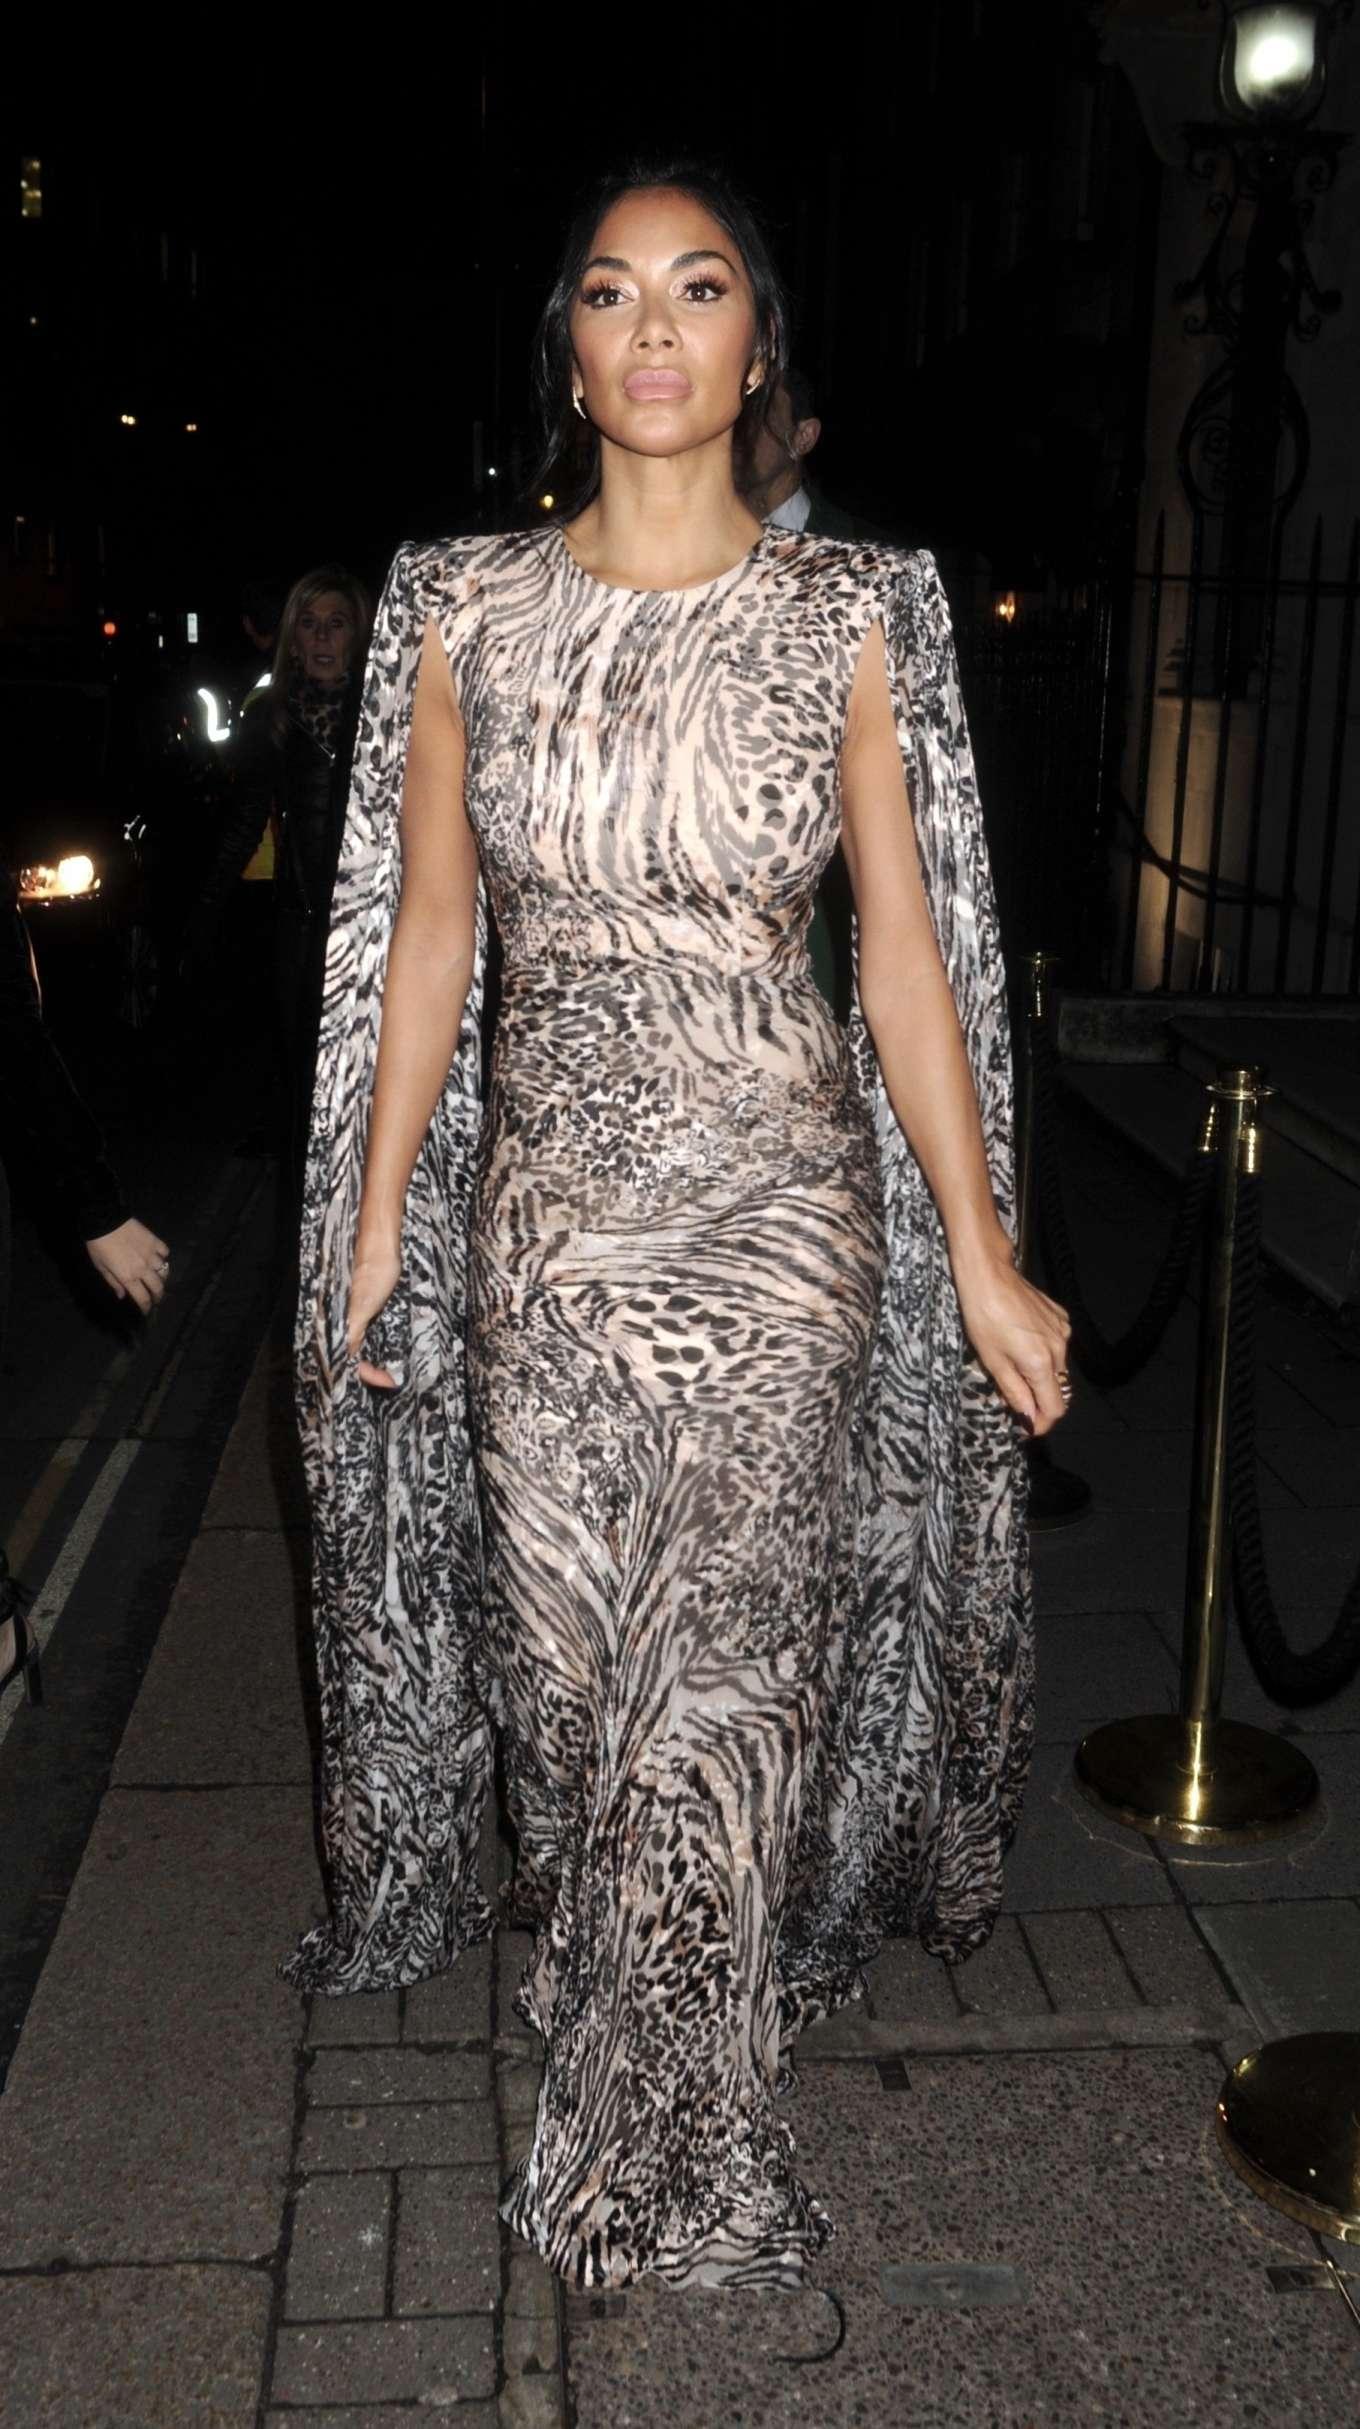 Nicole Scherzinger 2020 : Nicole Scherzinger – Arrives at British Vogues Fashion and Film Party 2020-09